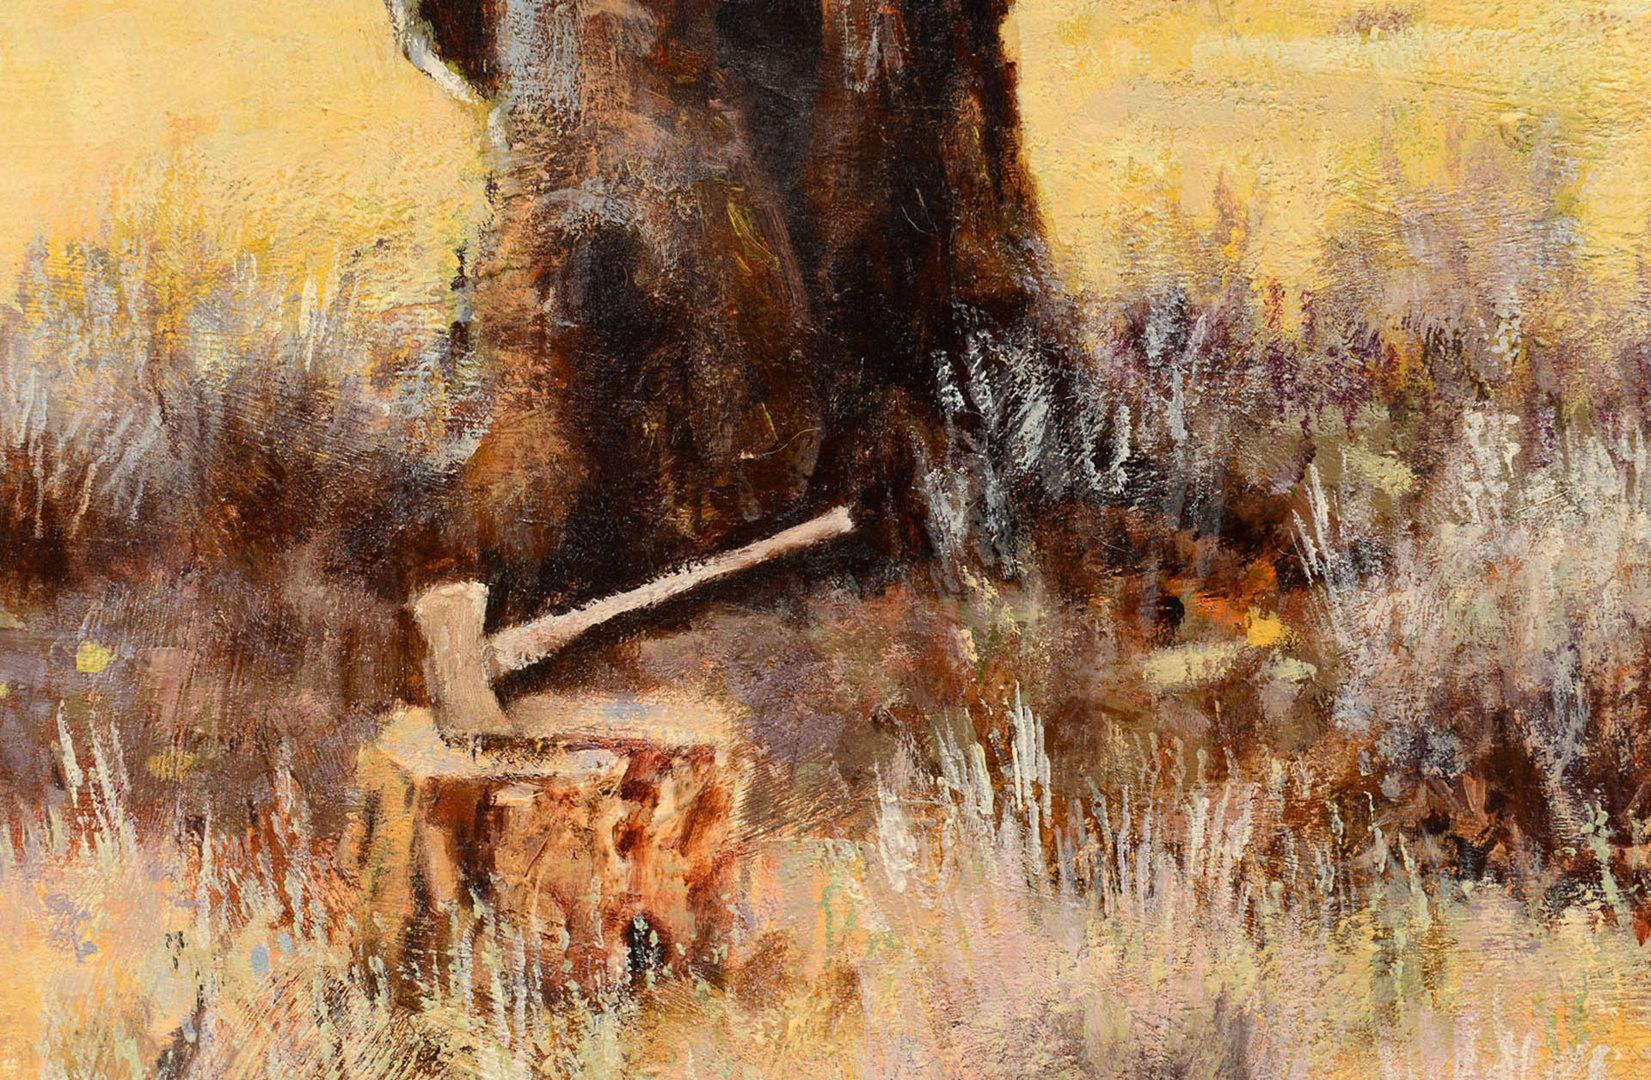 Lot 342: Large Oil on Board Ranch Scene, Bill Bender